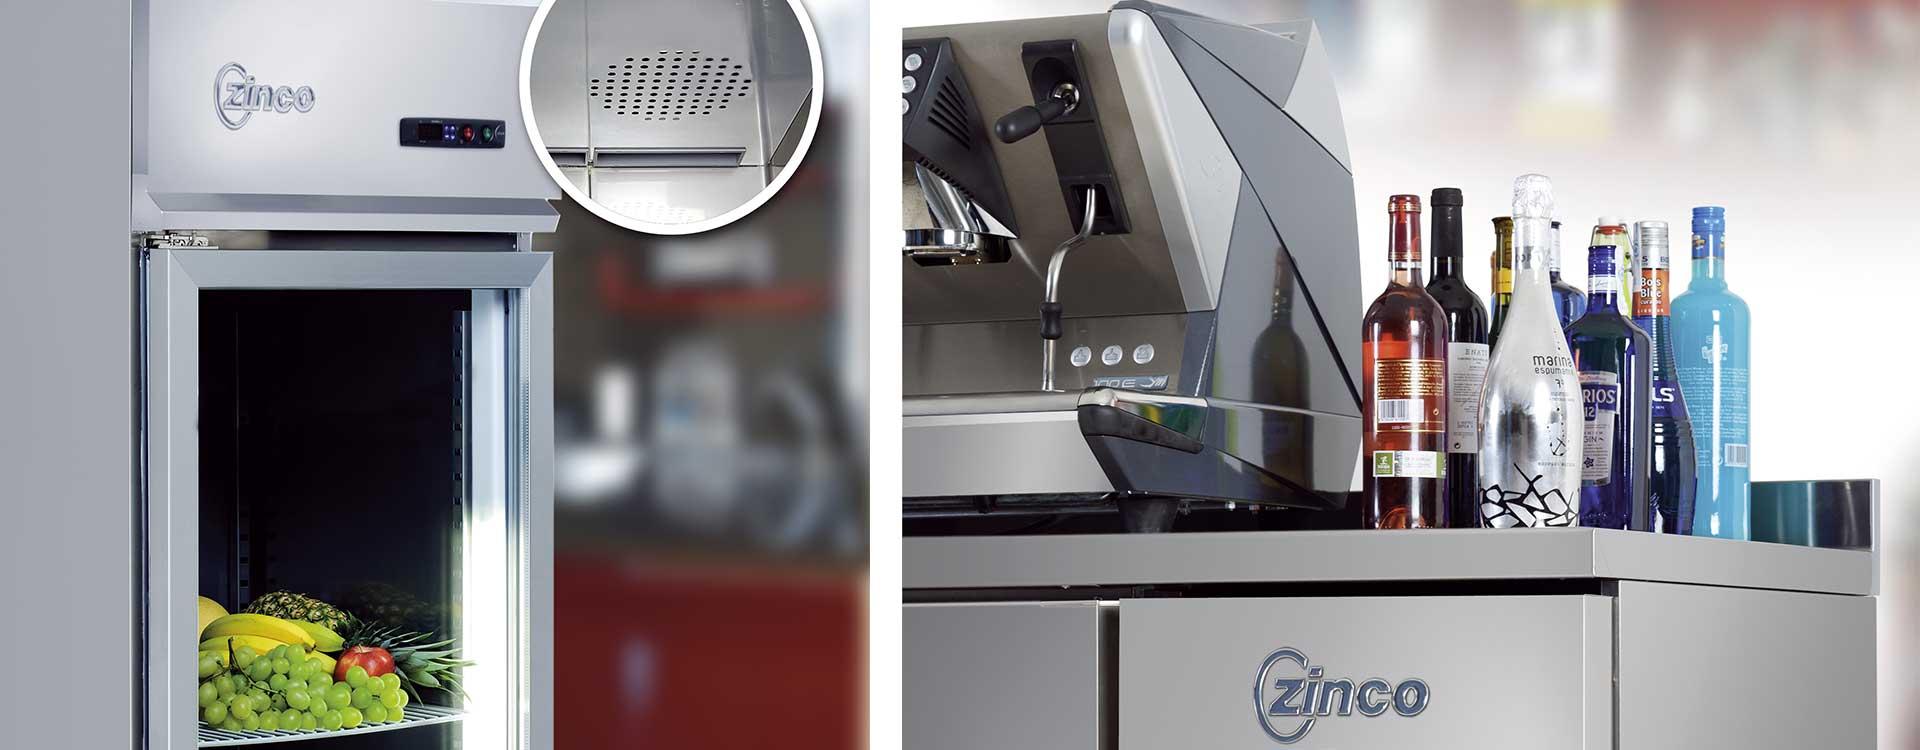 A la cabeza en tecnología - Maquinaria restauración y hostelería